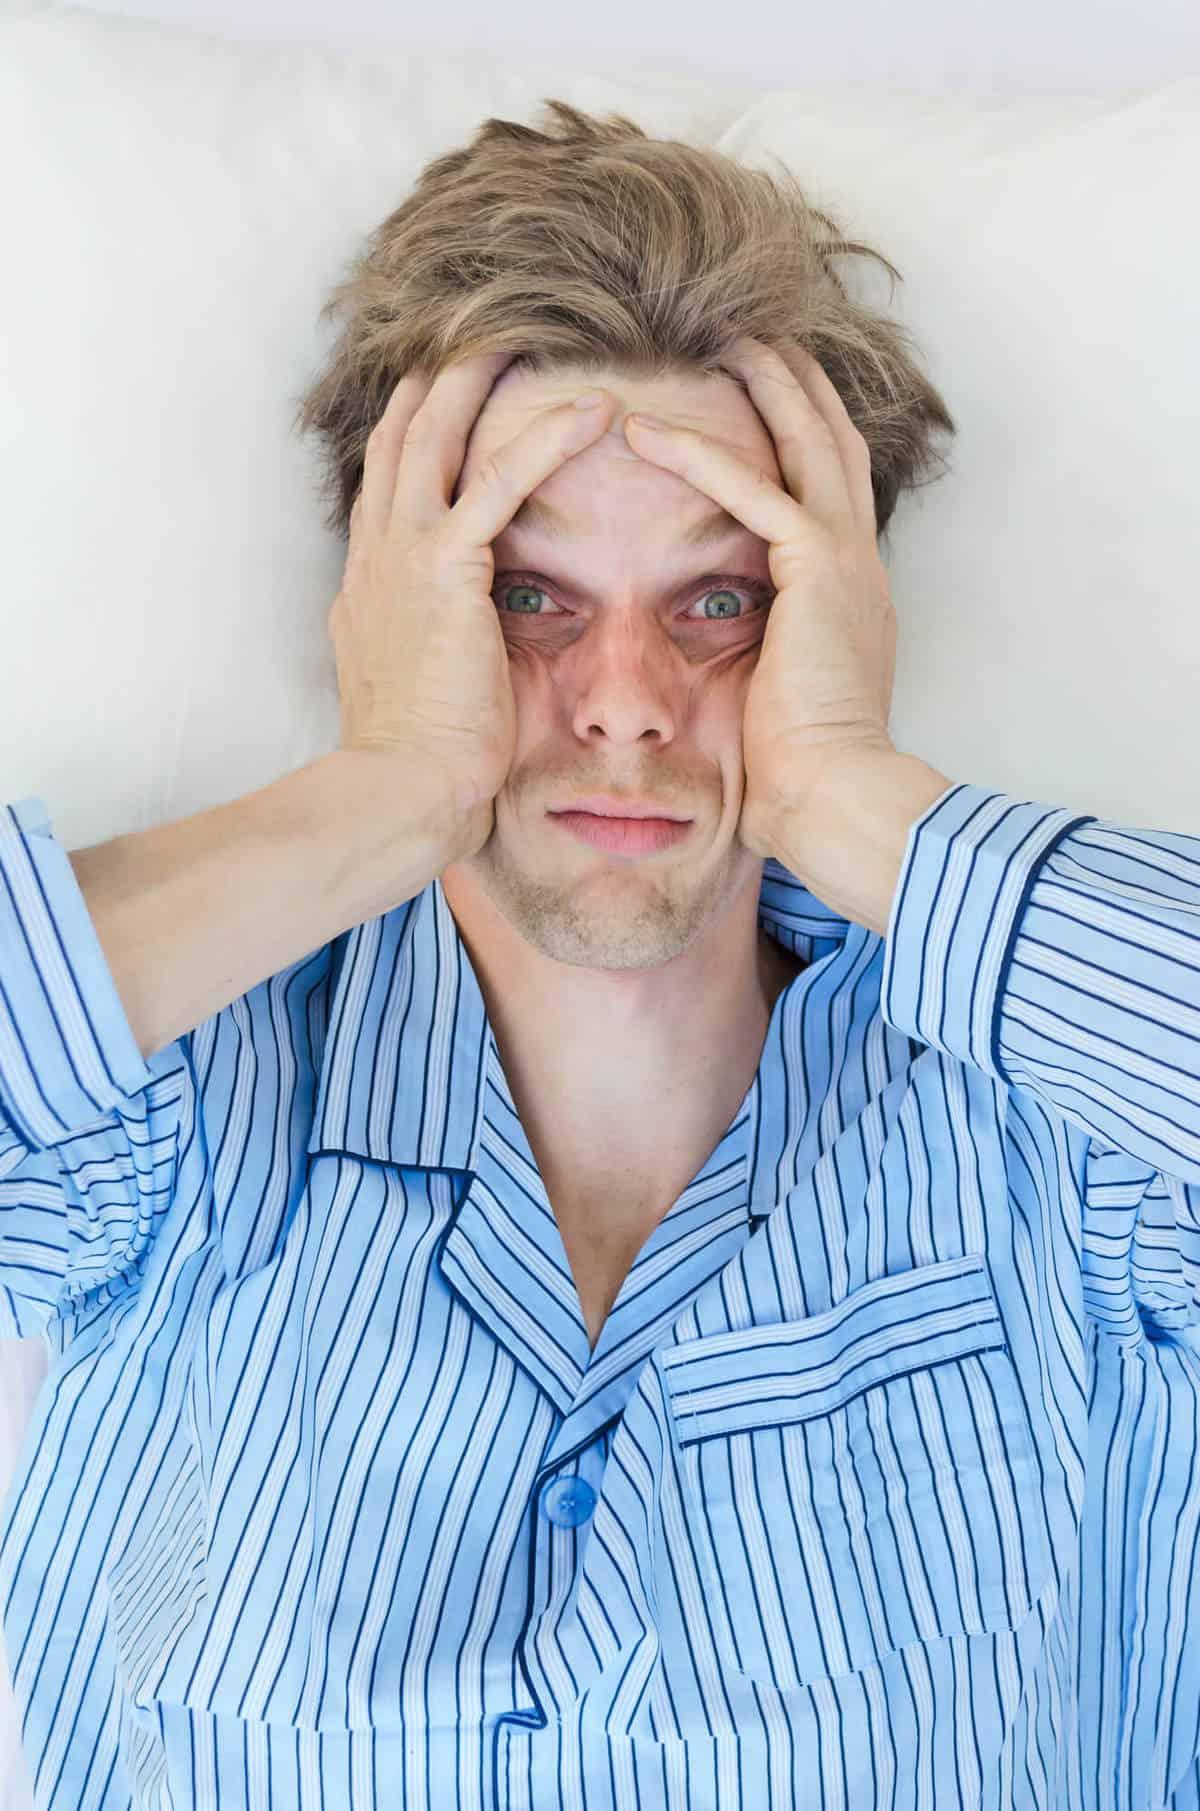 Insomnia or sleeplessness